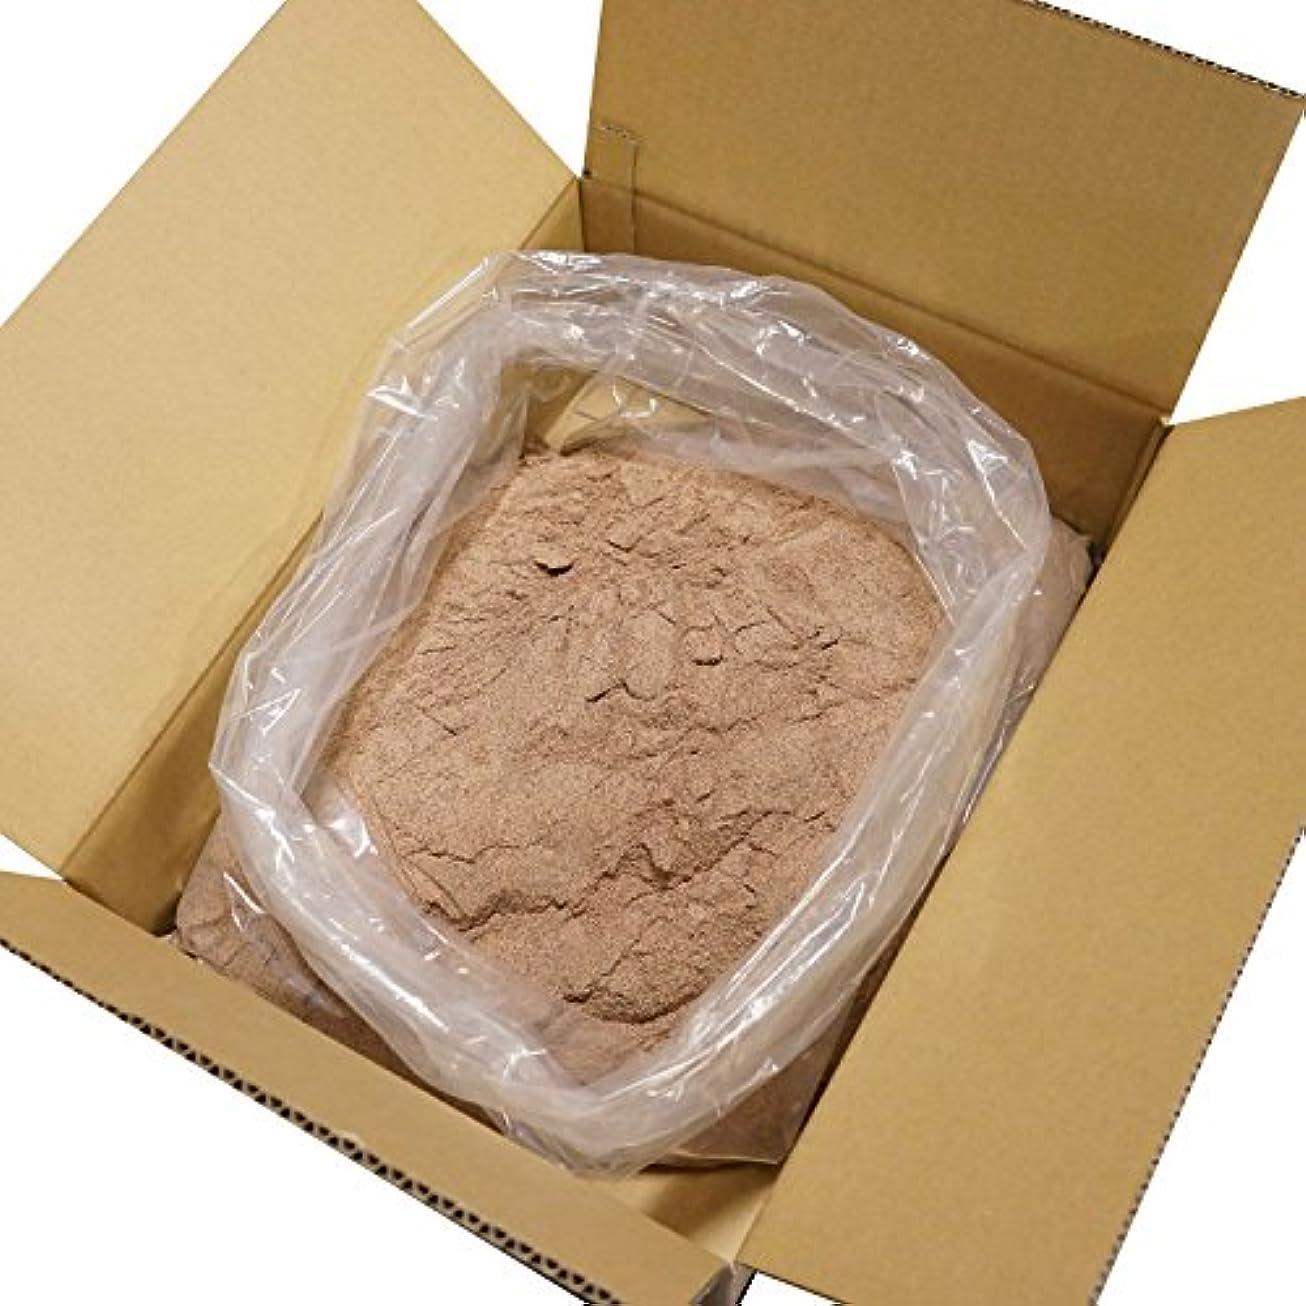 ロッジ探すロマンスヒマラヤ 岩塩 ブラック パウダー 細粒タイプ 業務用 原料 (5kg)